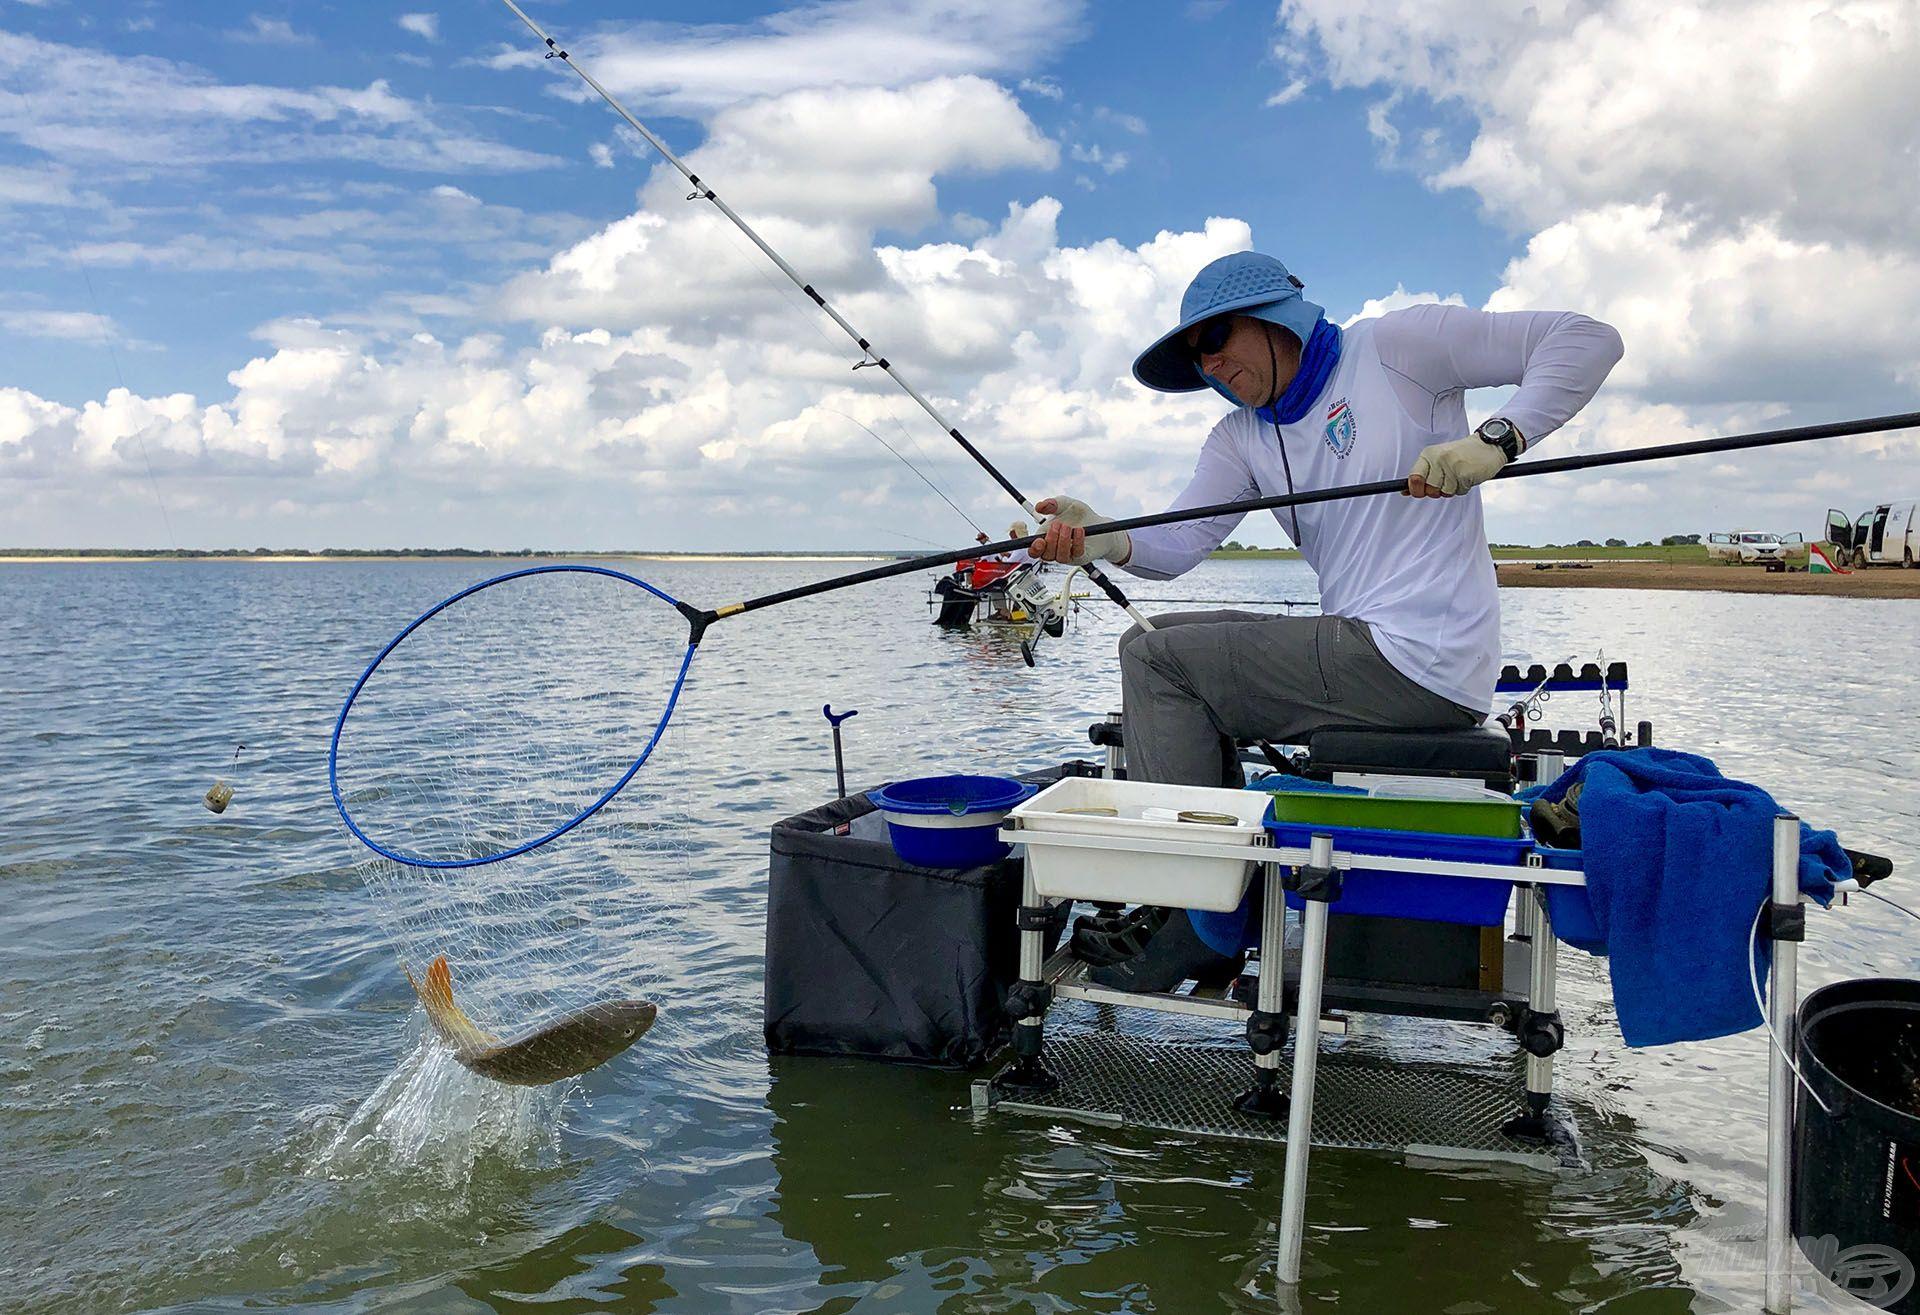 Kezdett felpörögni a horgászat